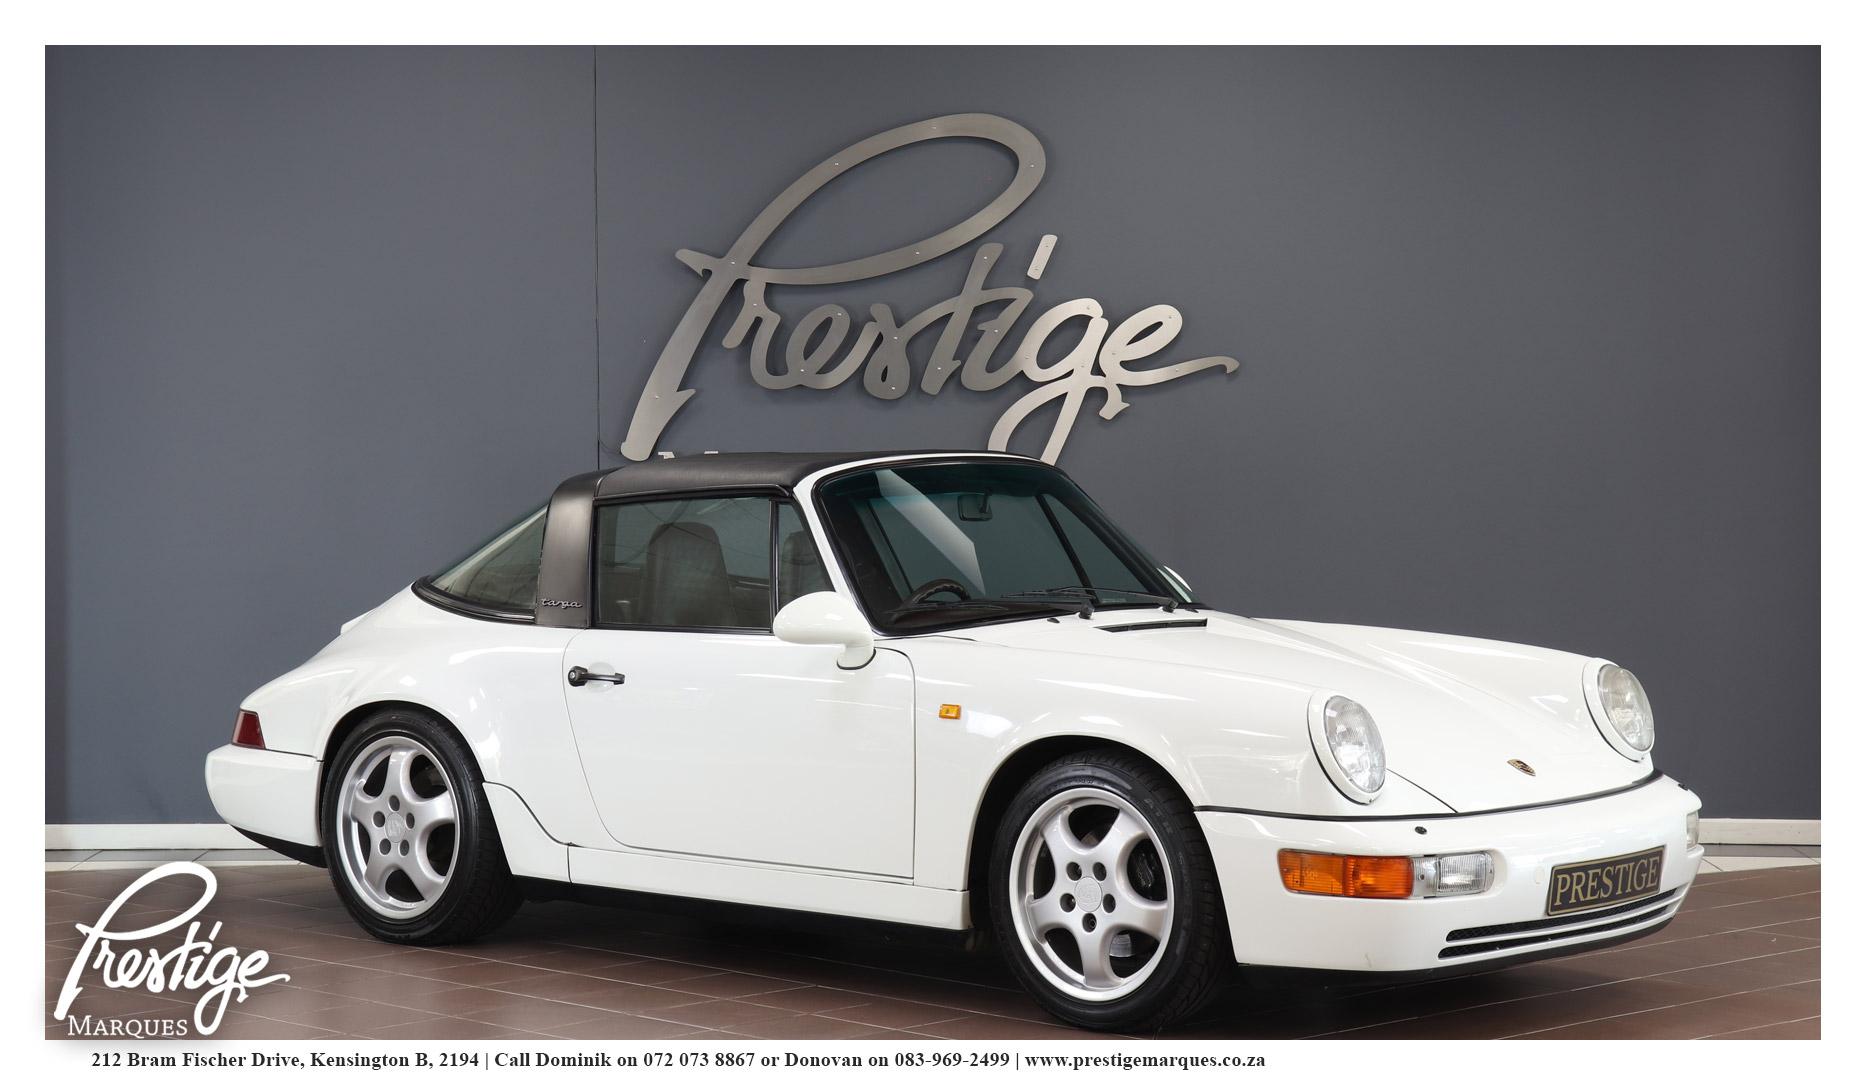 Prestige-Marques-1990-Porsche-964-Carrera 2-Manual-1